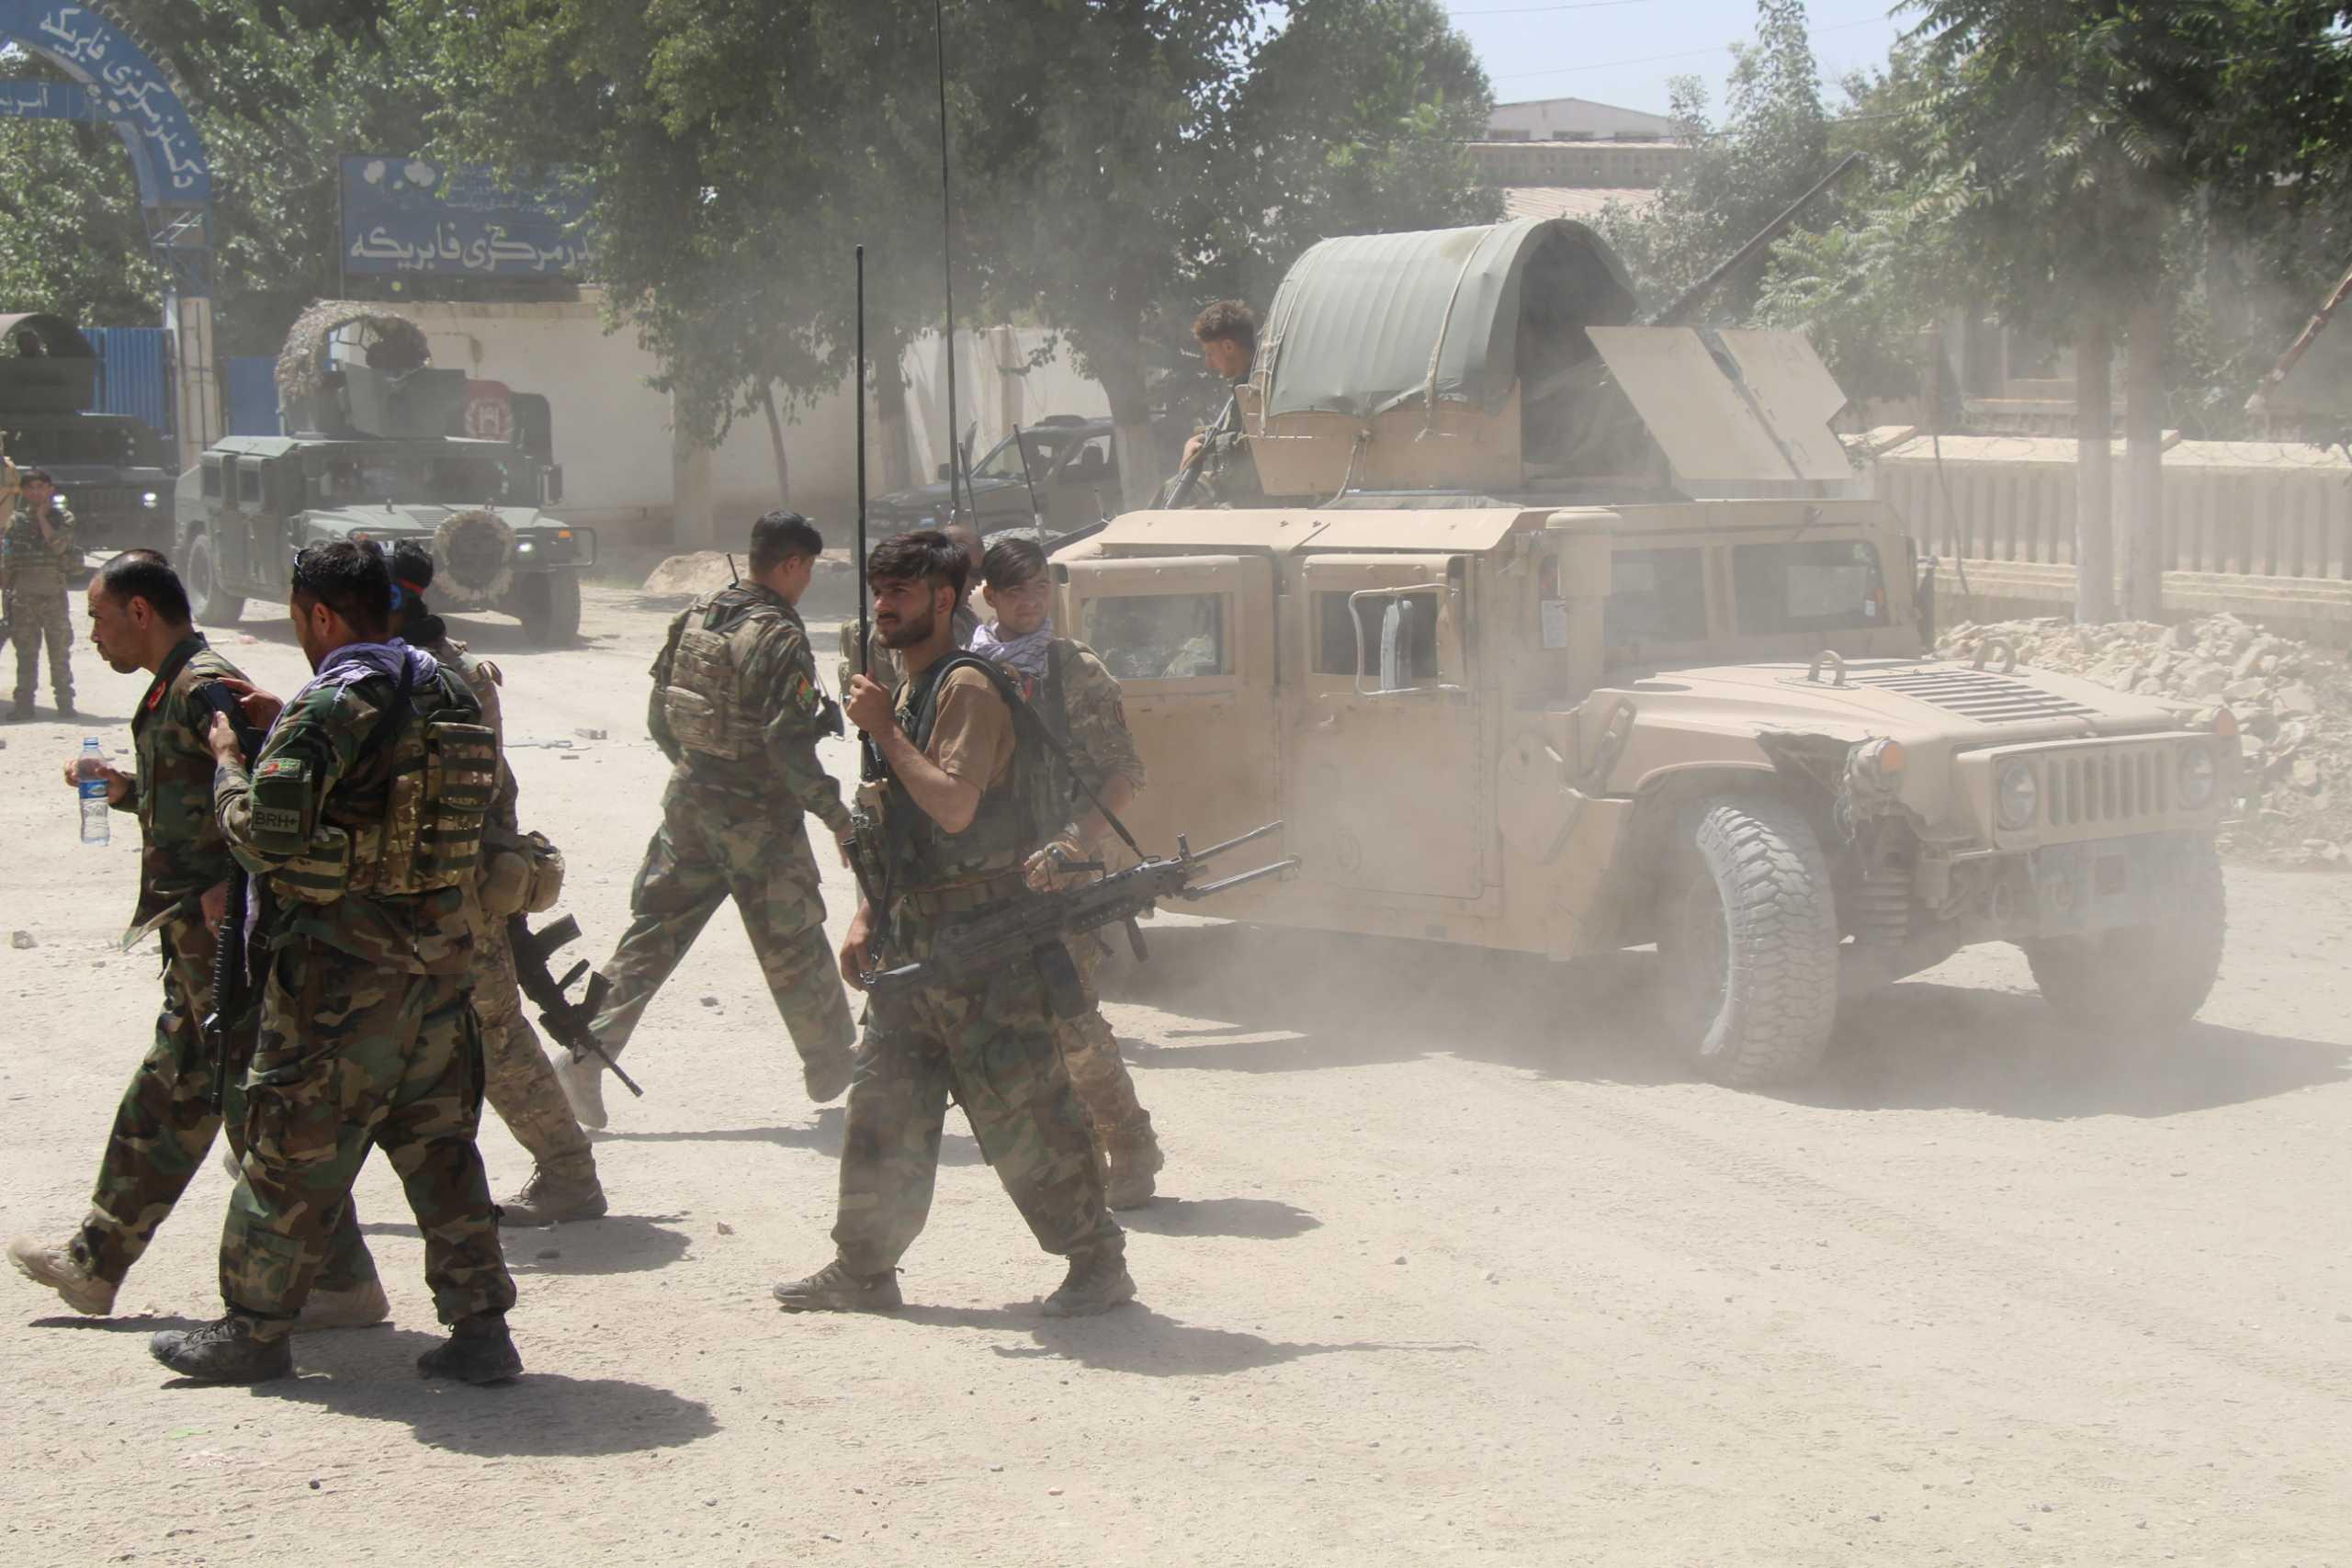 Βρετανία: Το Λονδίνο θα συνεργαστεί με τους Ταλιμπάν αν  πάρουν την εξουσία στο Αφγανιστάν